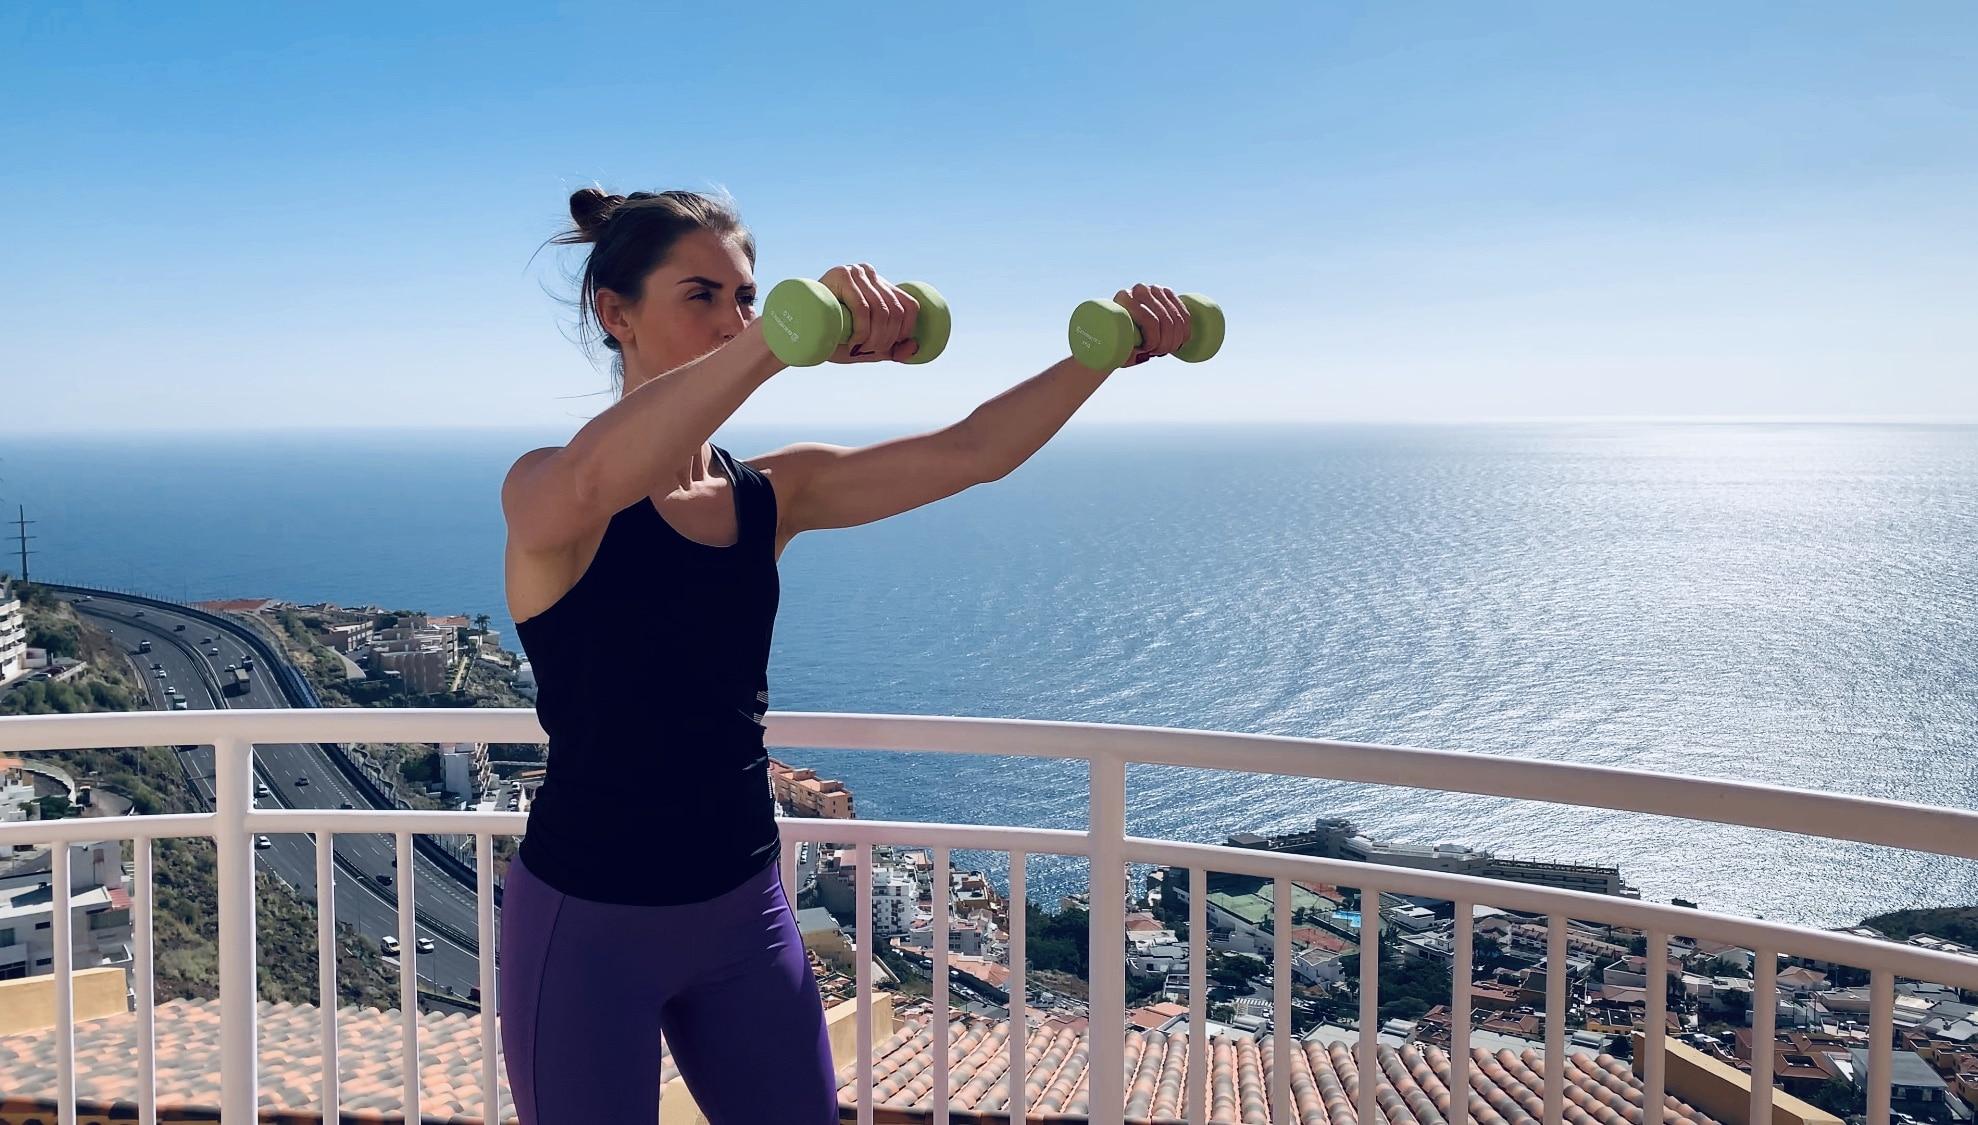 Упражнение подъем прямых рук с гантелями перед собой